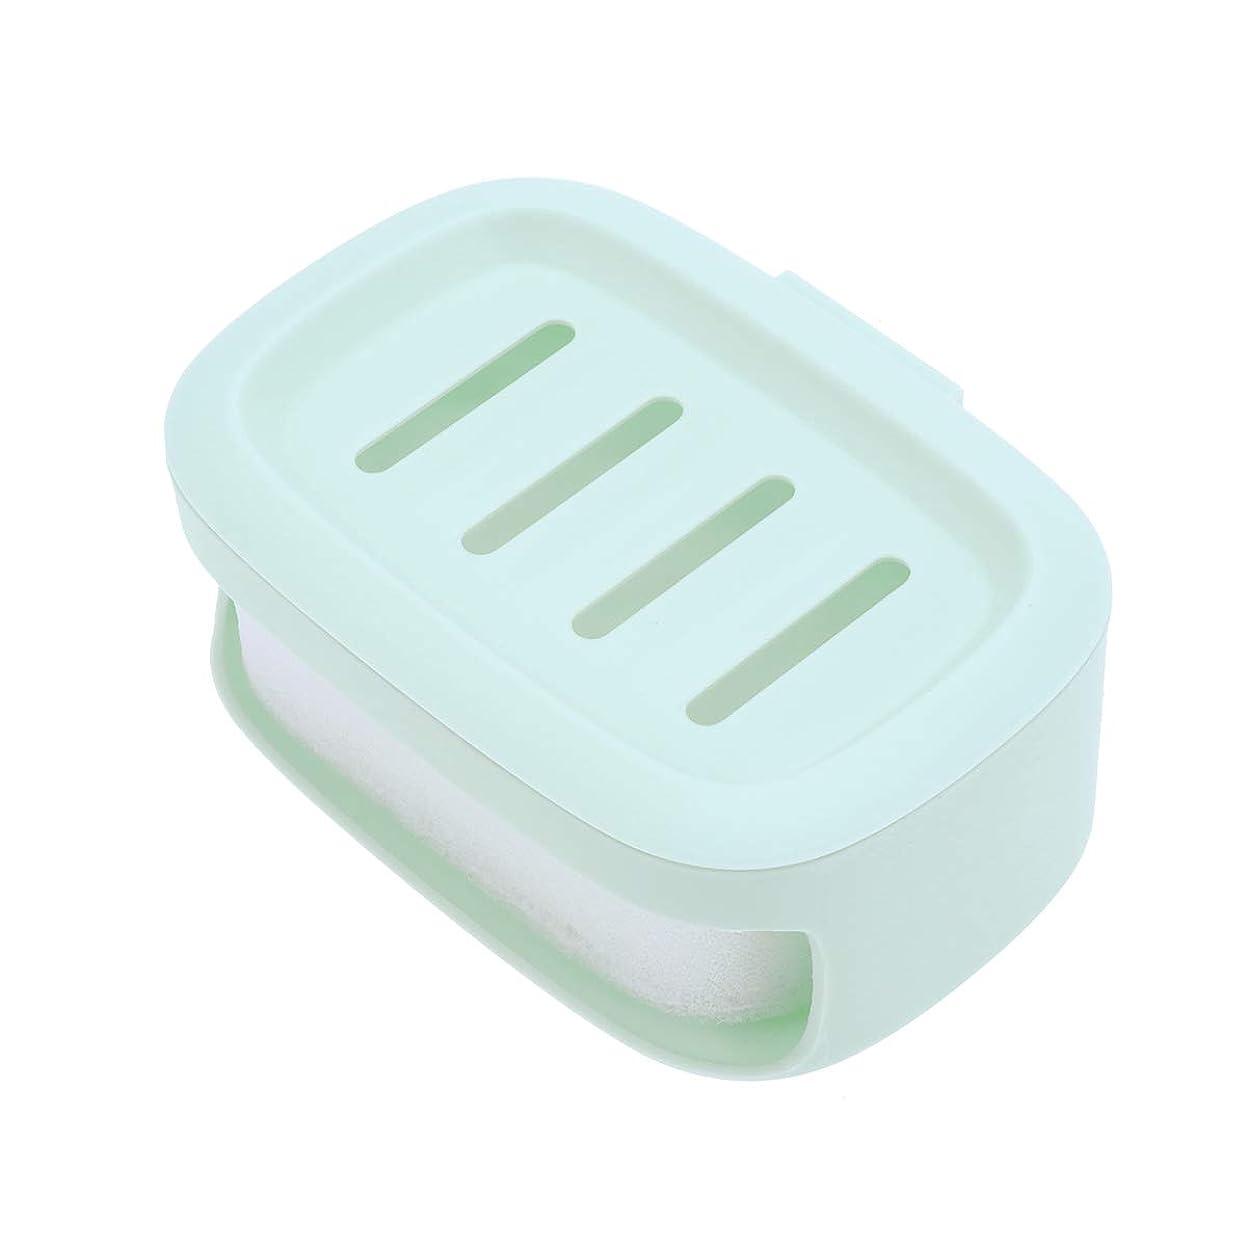 トランジスタ淡い能力Healifty ソープボックス防水シールソープコンテナソープホルダー(ライトグリーン)